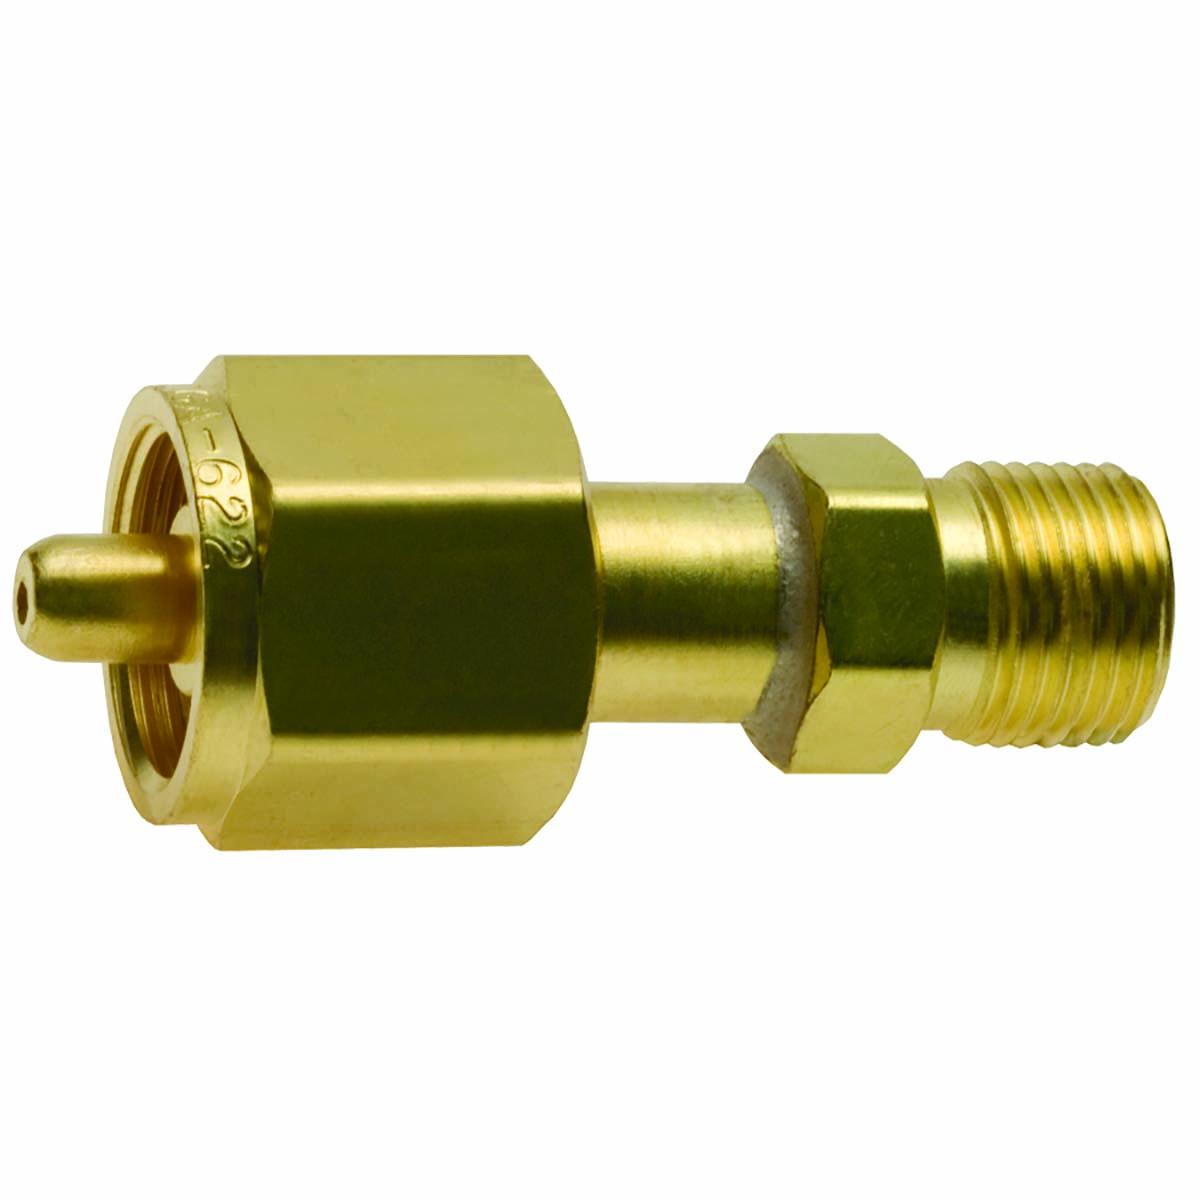 A, CYL ADAPTOR, CGA-622 X 320